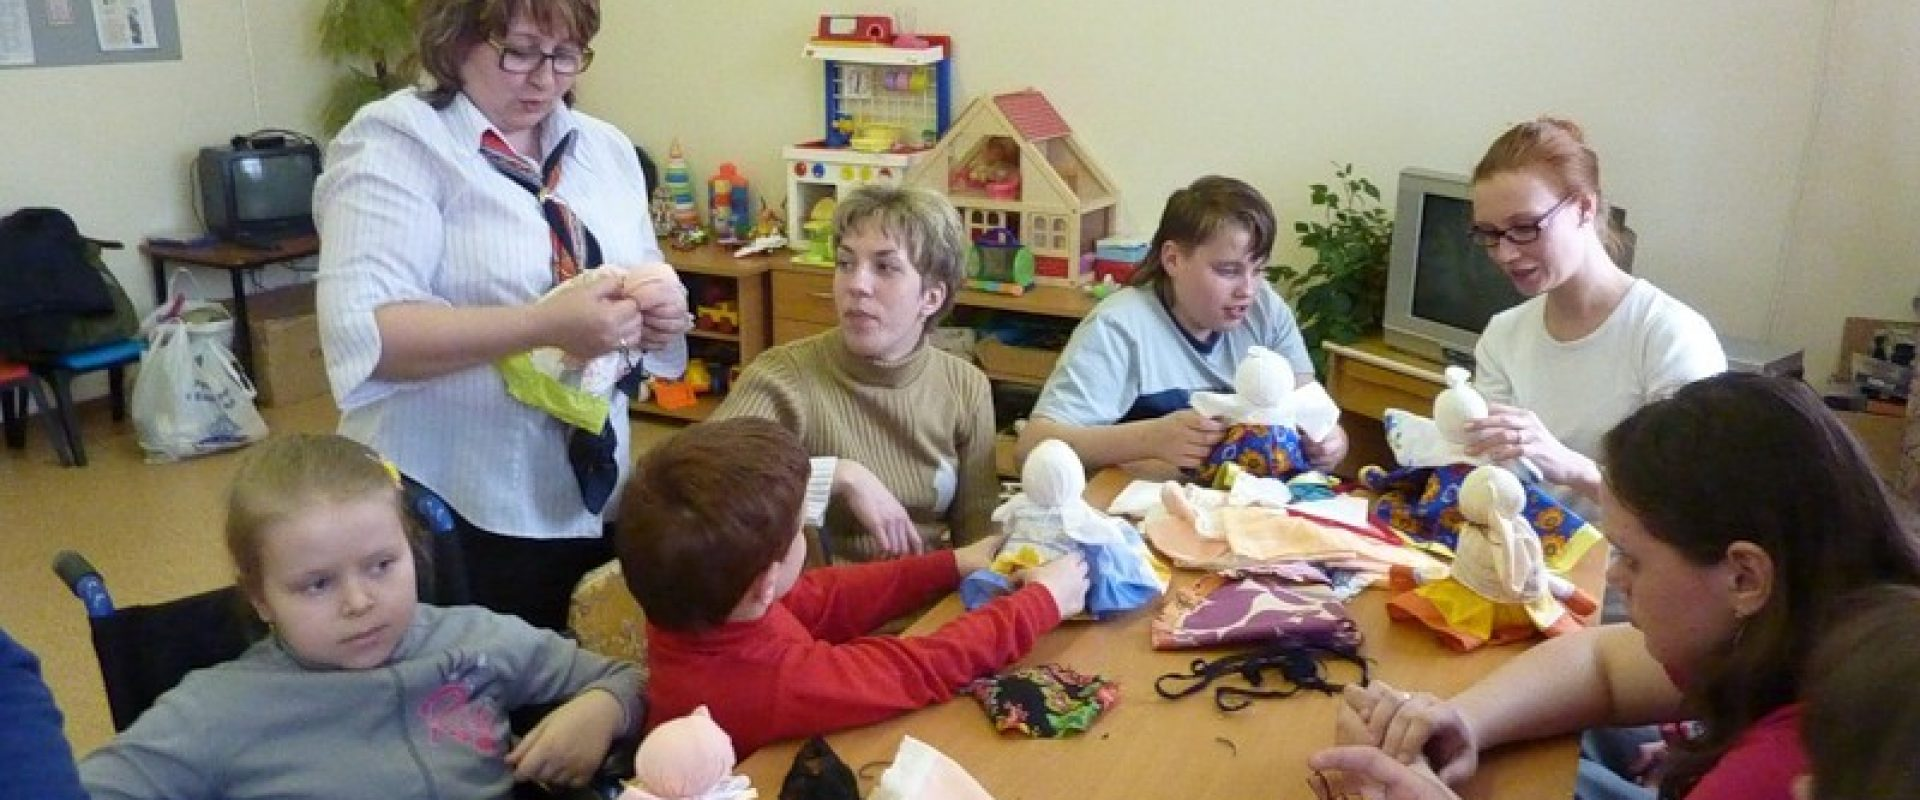 волонтеры в помощь детям сиротам